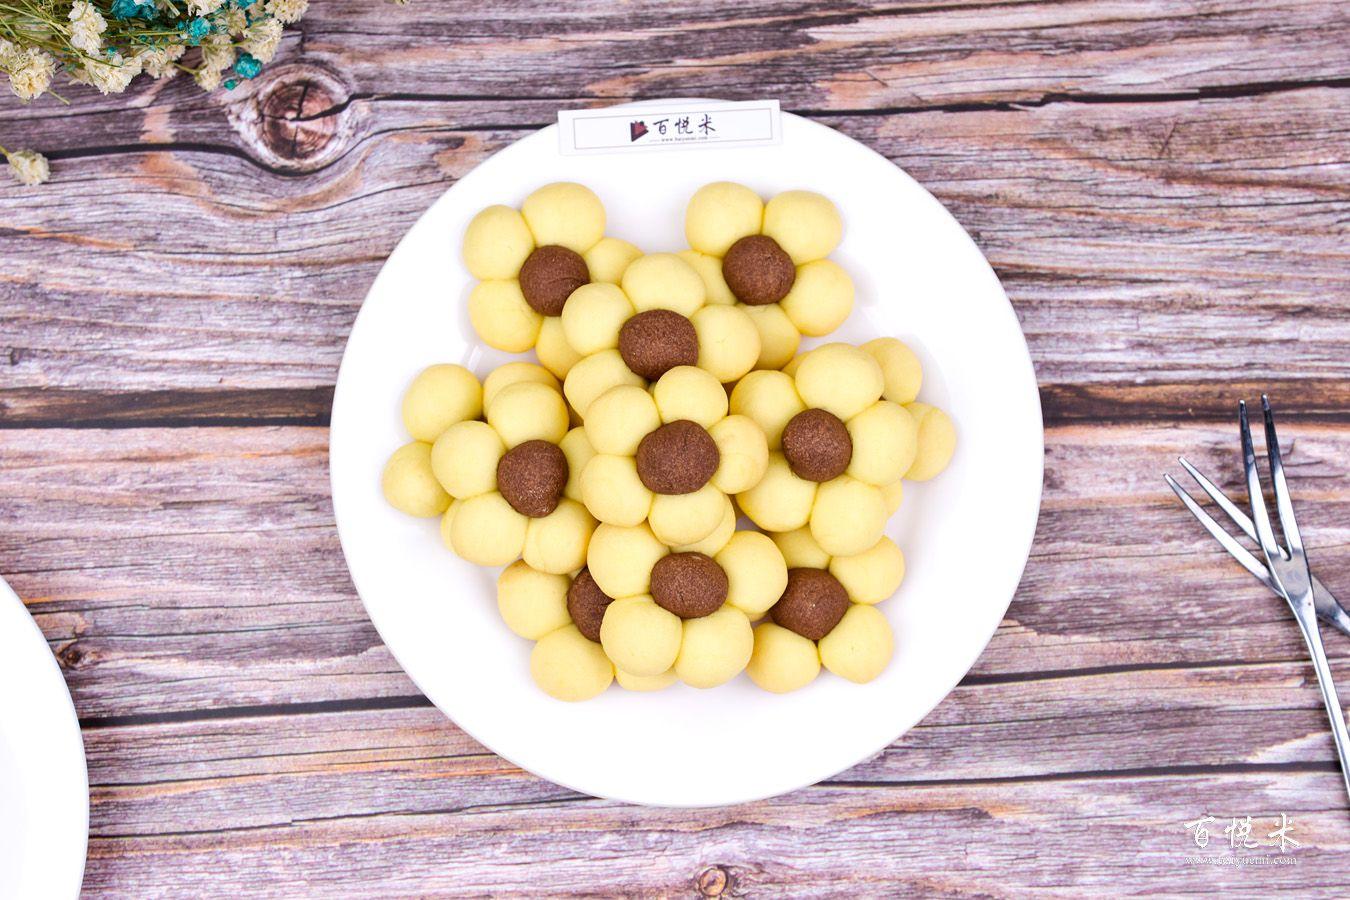 花朵饼干的做法大全,花朵饼干西点培训图文教程详解